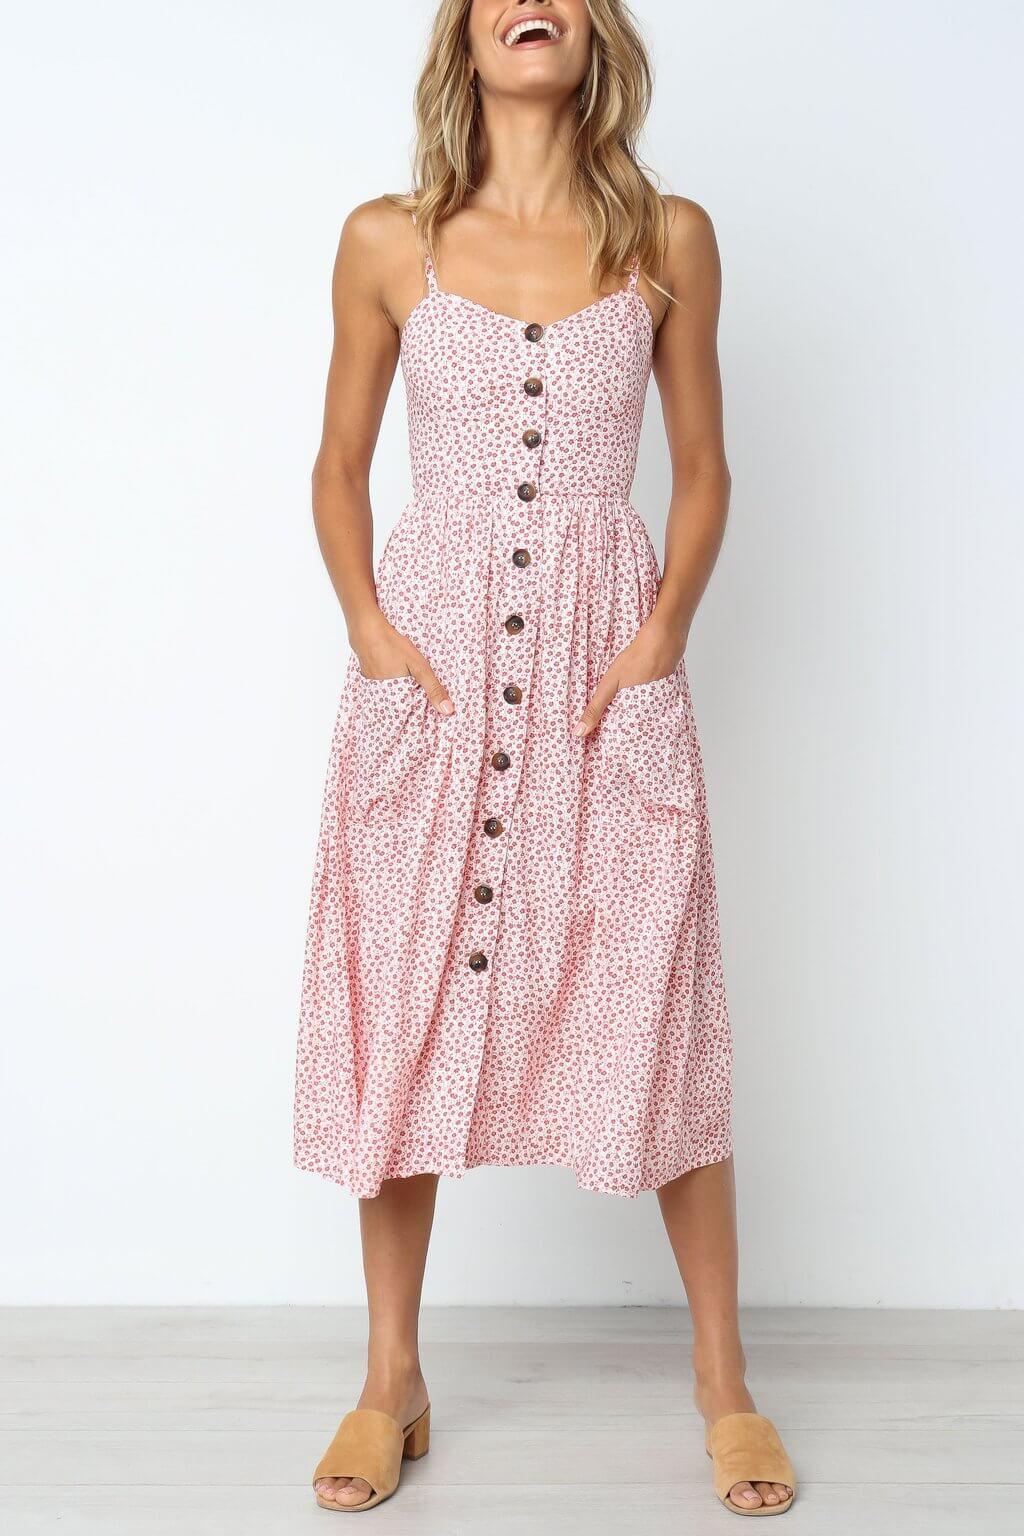 Summer dresses on sale